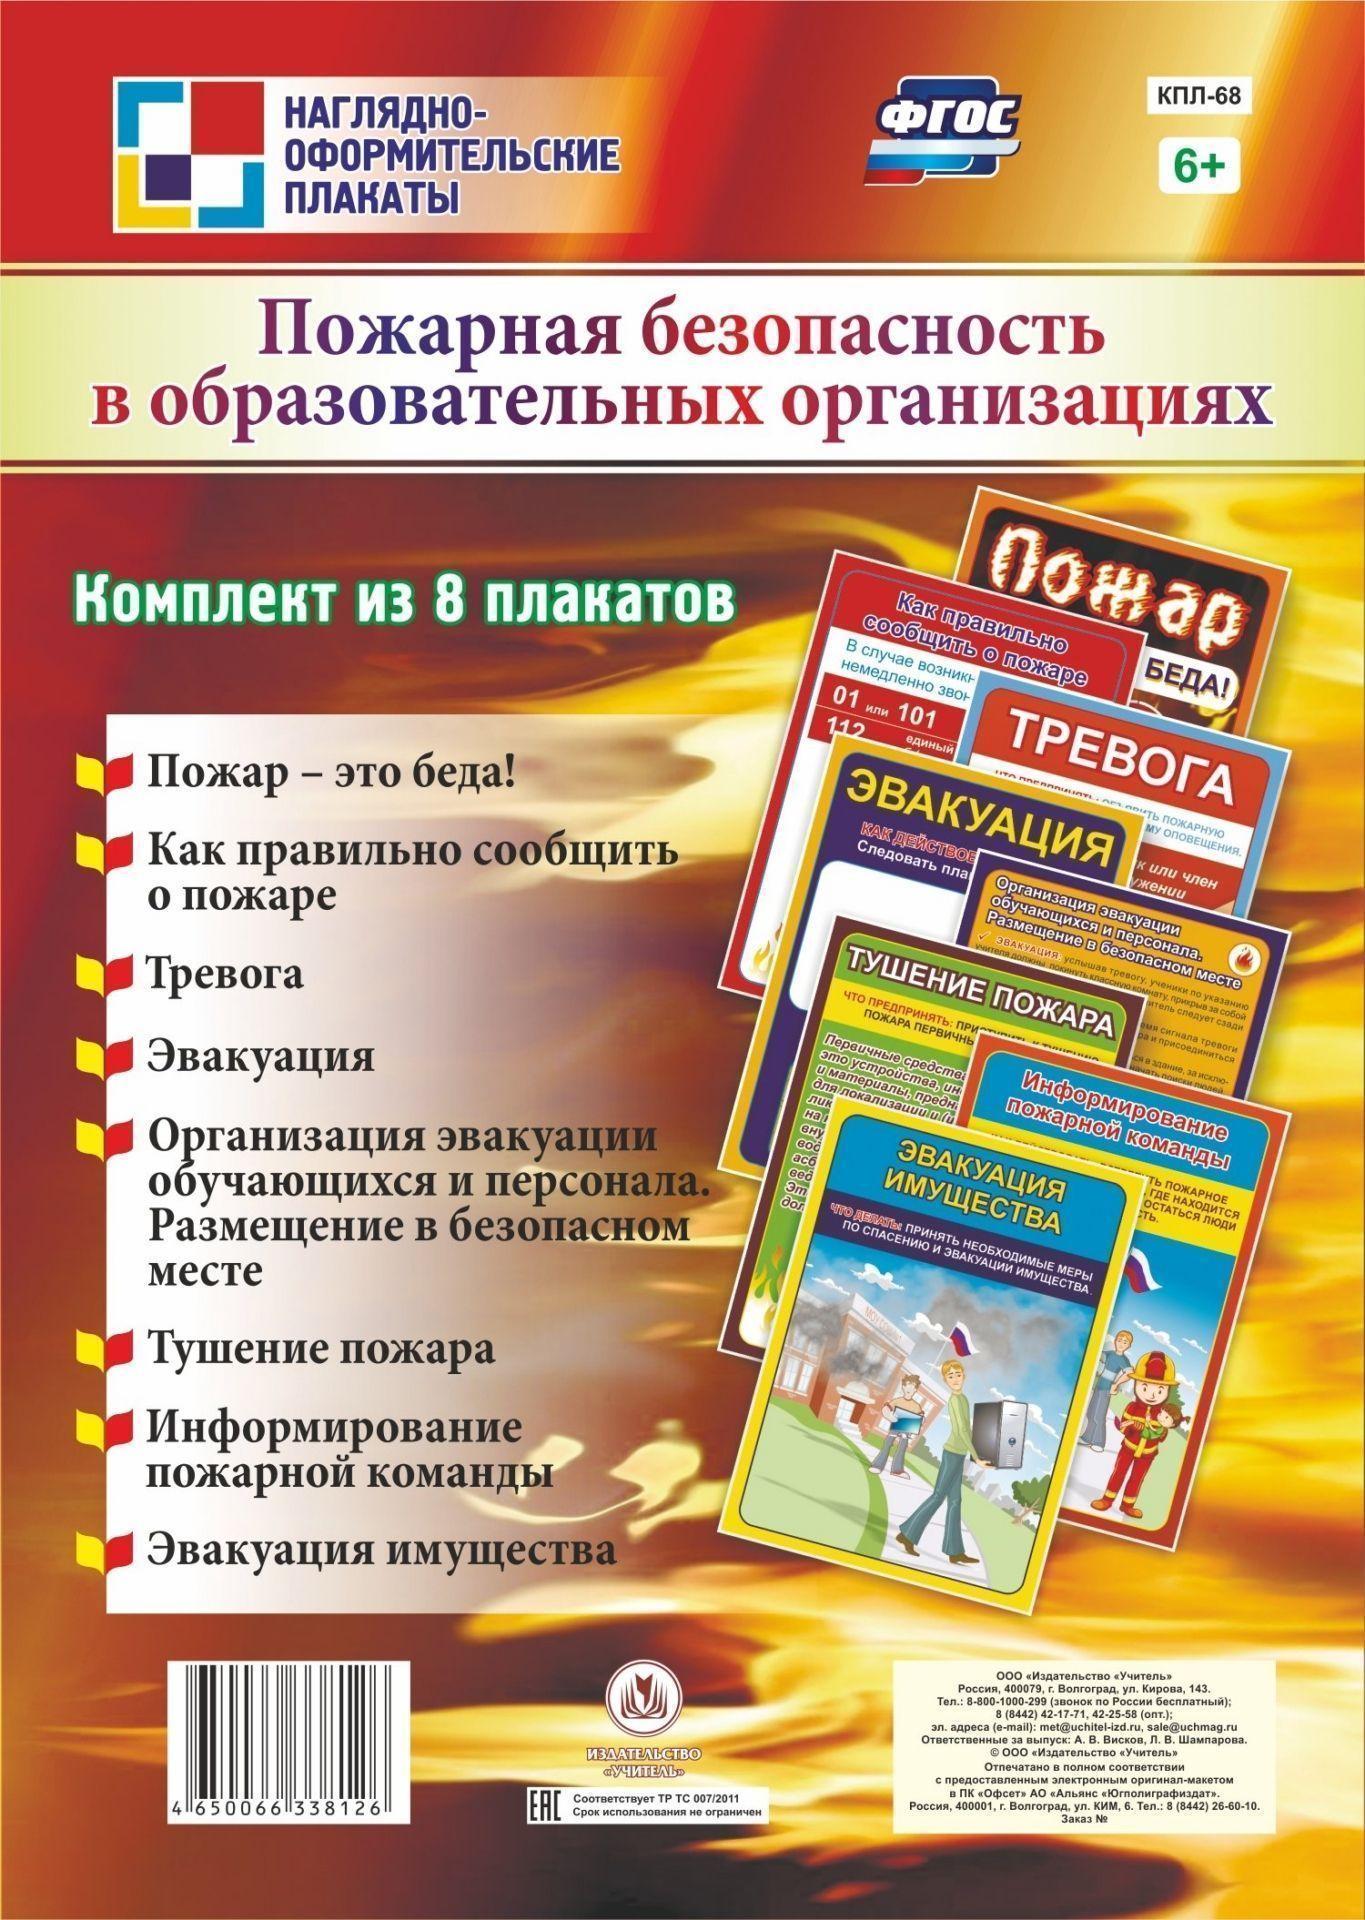 Комплект плакатов Пожарная безопасность в образовательных организациях: 8 плакатовТематические плакаты<br>.<br><br>Год: 2017<br>Серия: Наглядно-оформительские плакаты<br>Высота: 290<br>Ширина: 205<br>Переплёт: набор